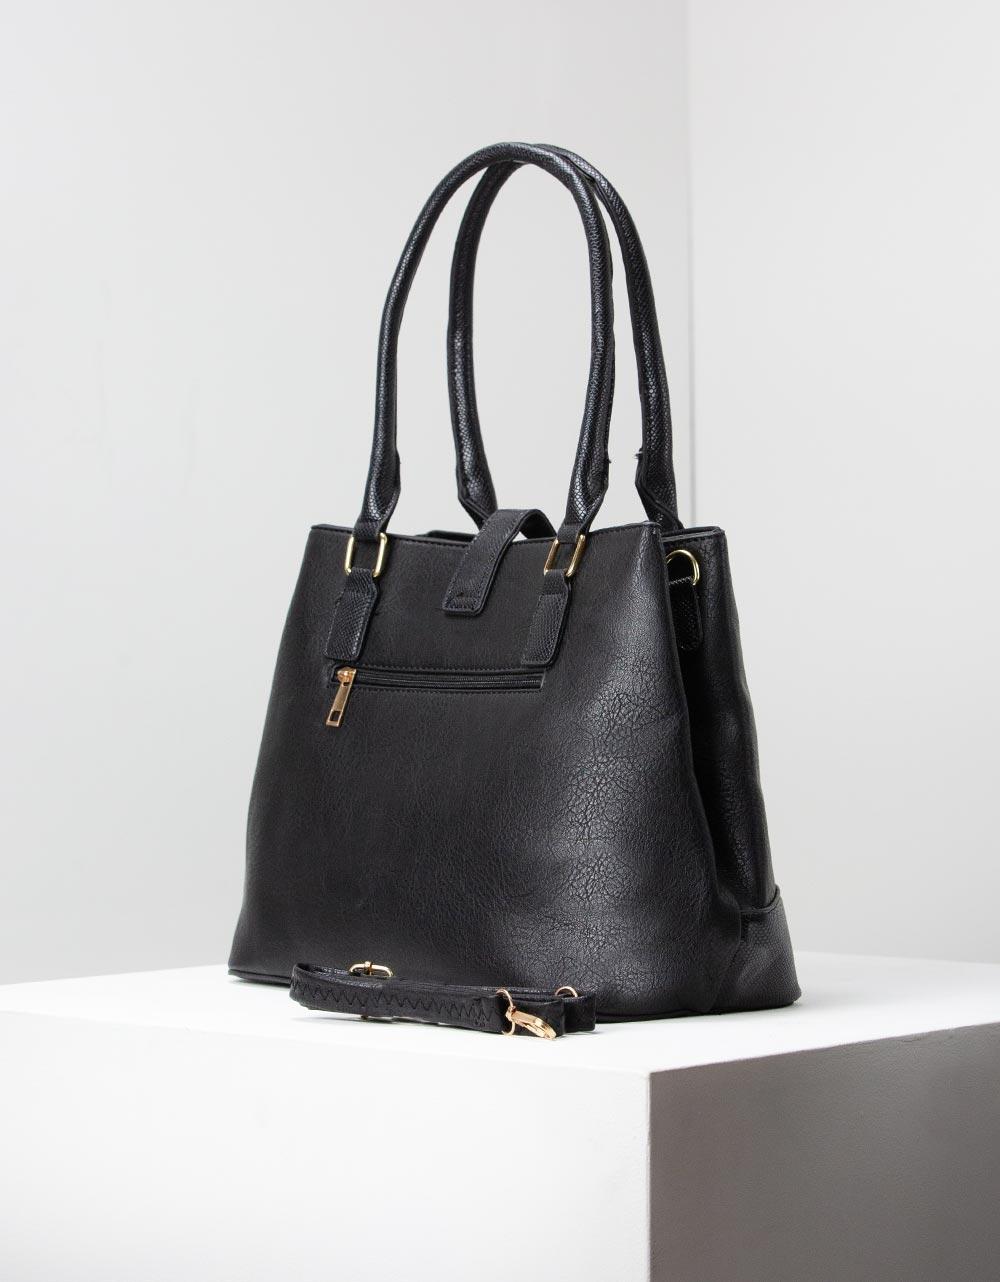 Εικόνα από Γυναικεία τσάντα ώμου με κροκό λεπτομέρειες Μαύρο